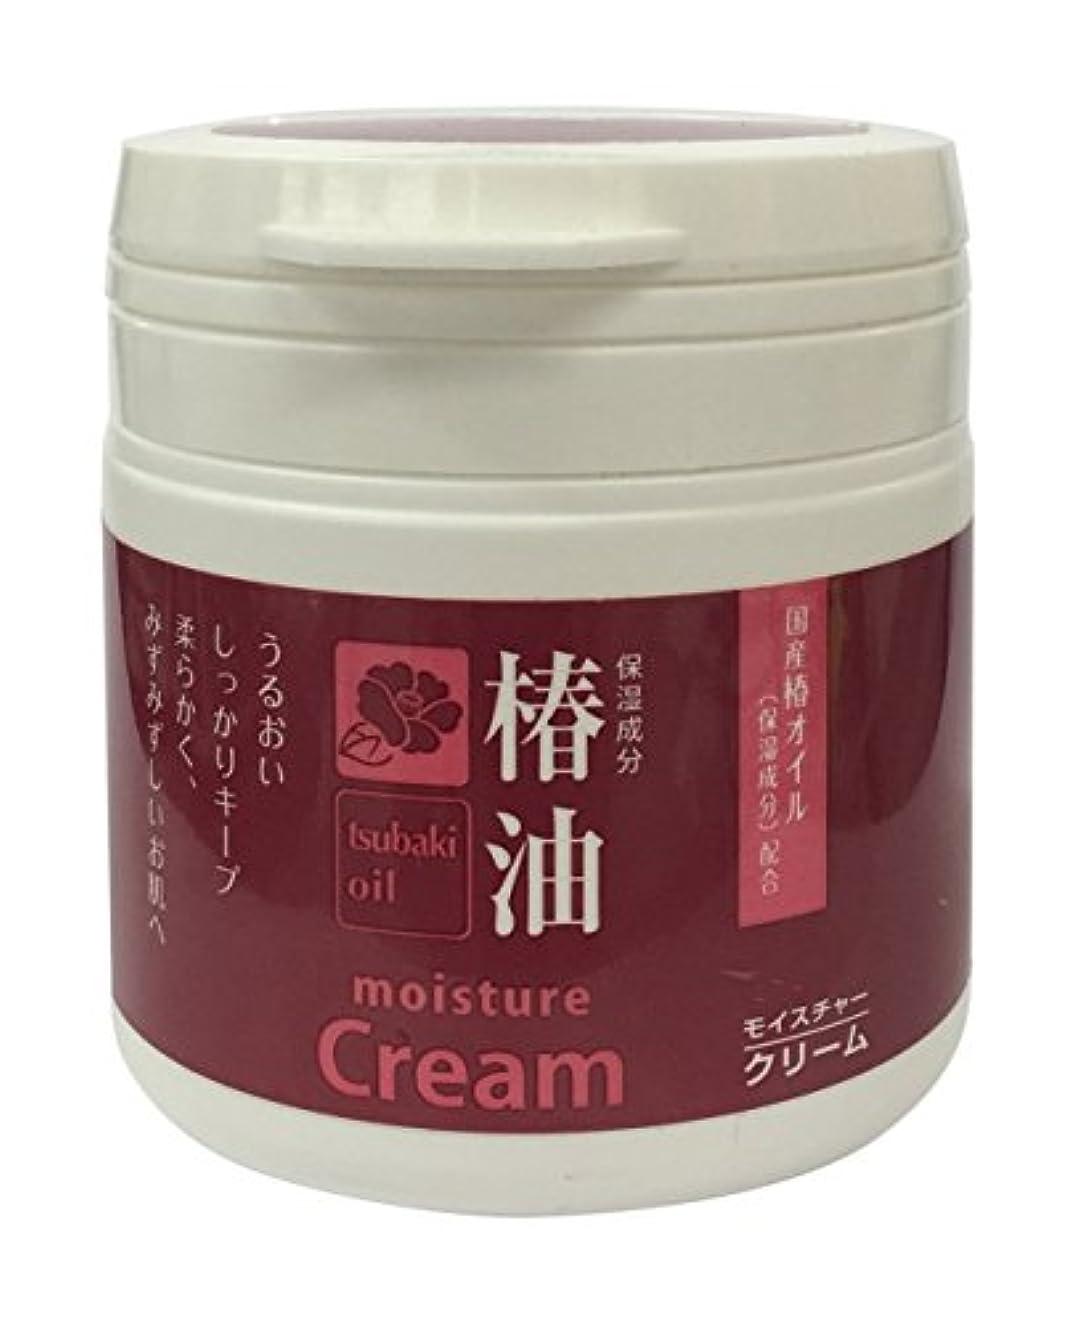 アヒル大腿限りなく椿油クリーム 150g